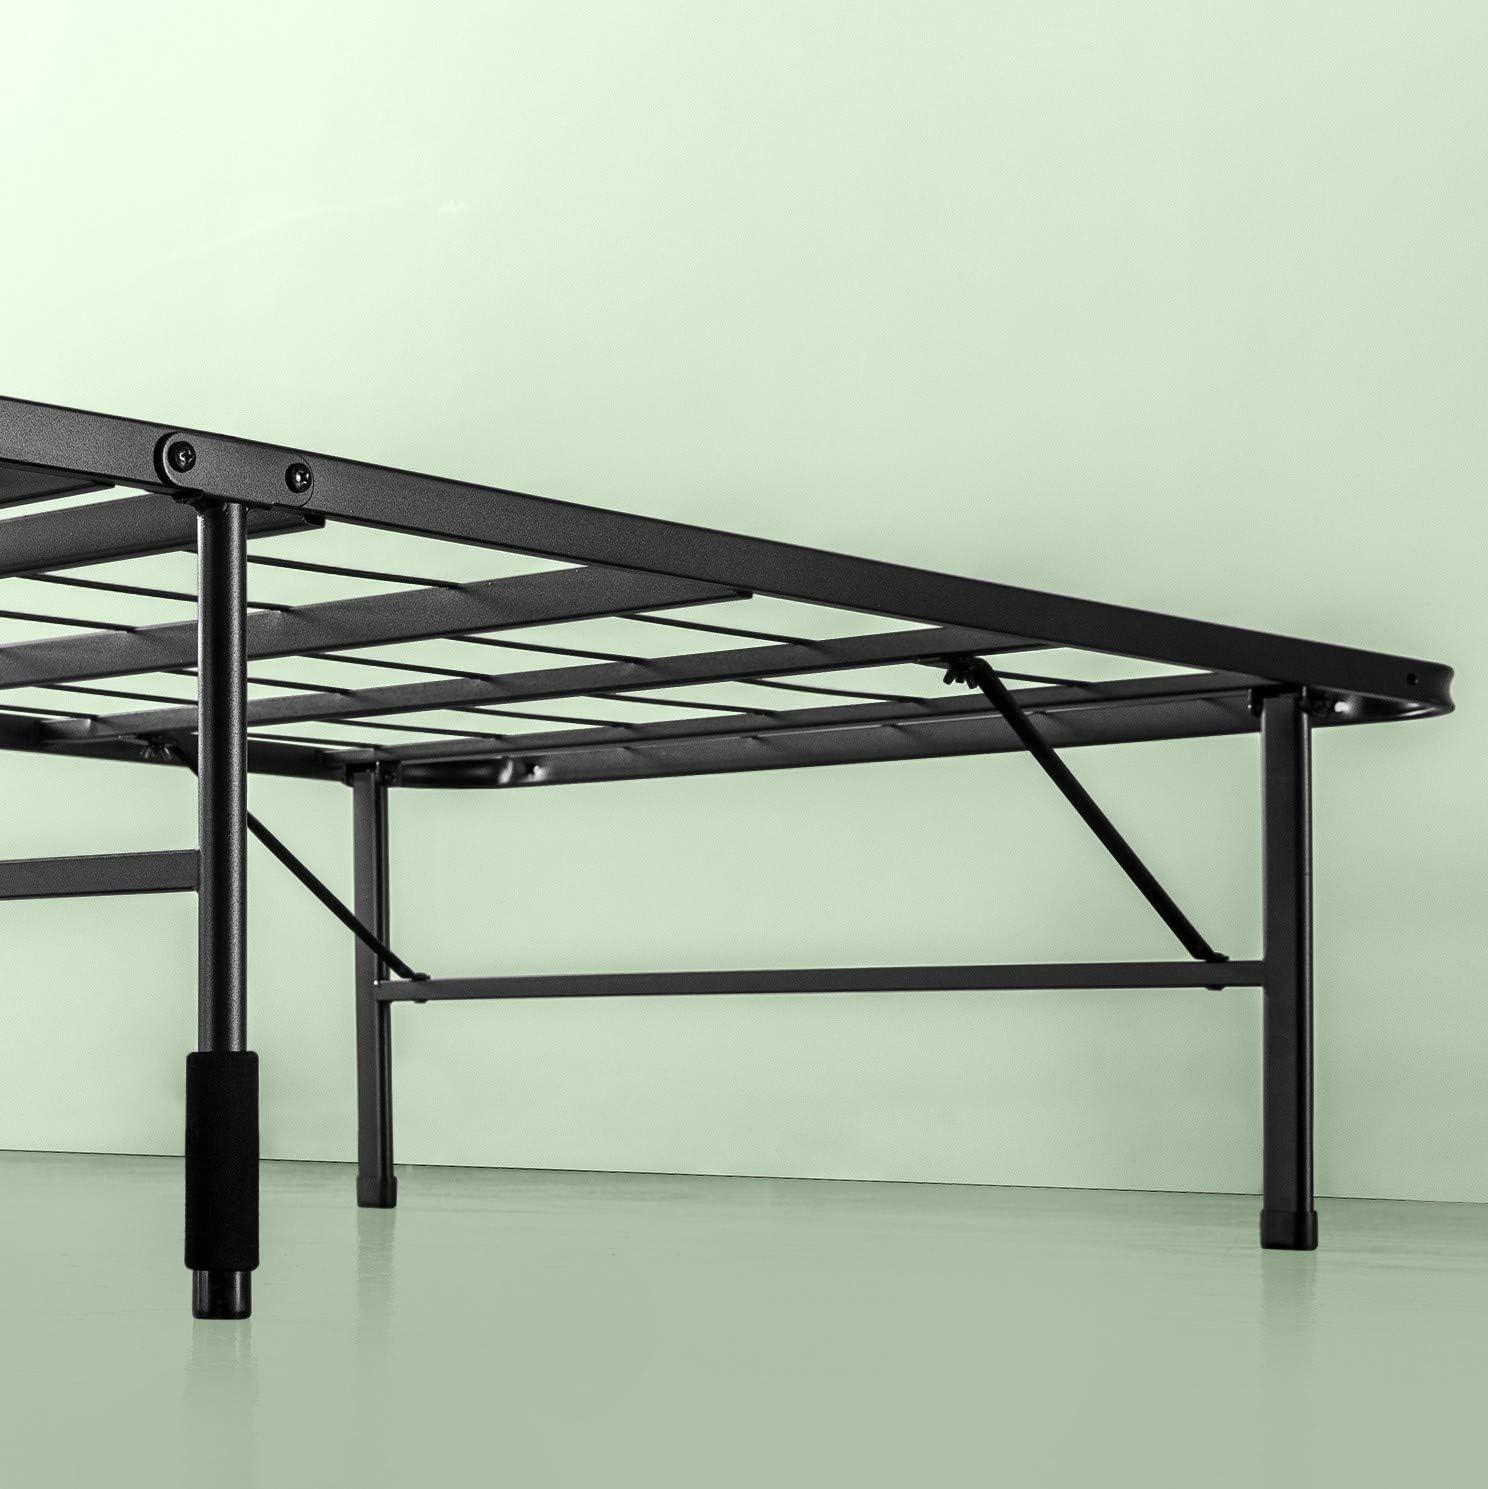 Best Bed Frame Under $100